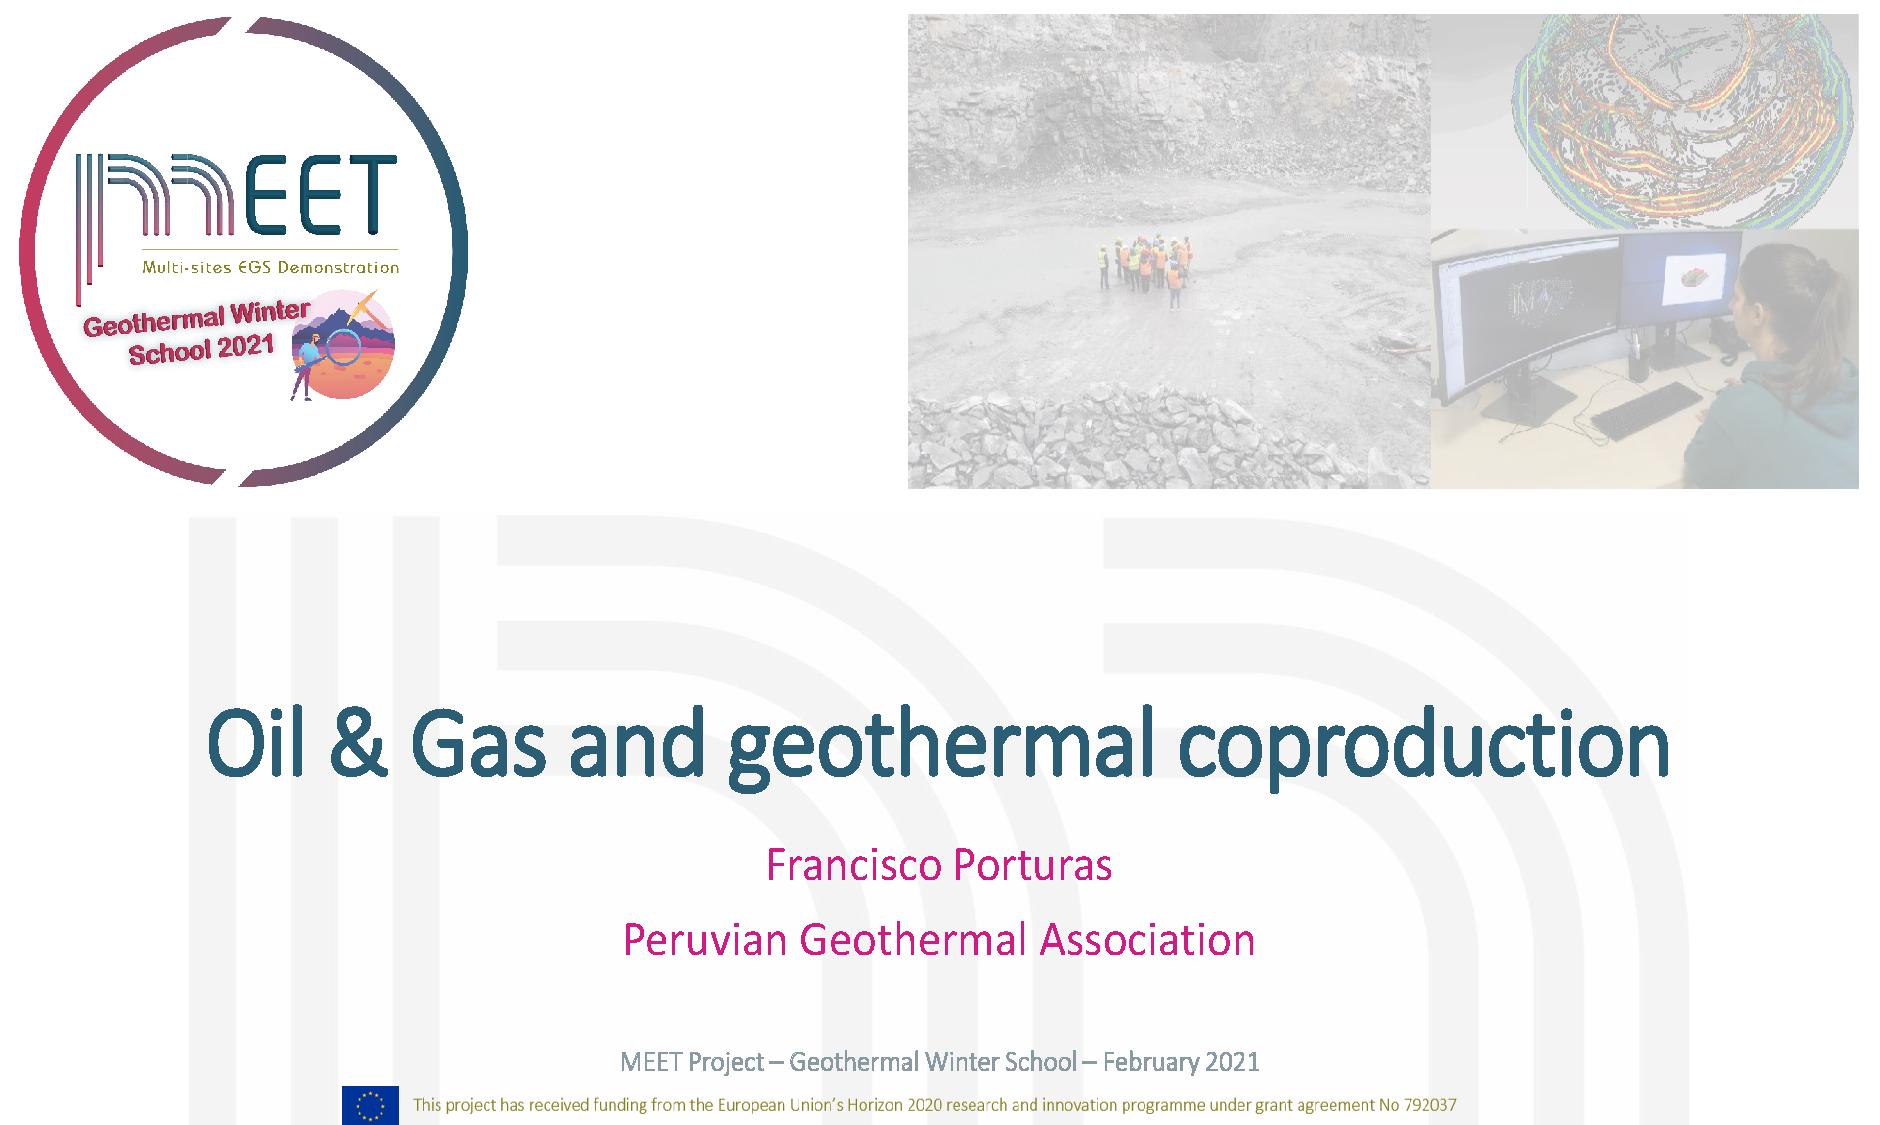 MEET Geothermal Winter School Porturas first slide visual